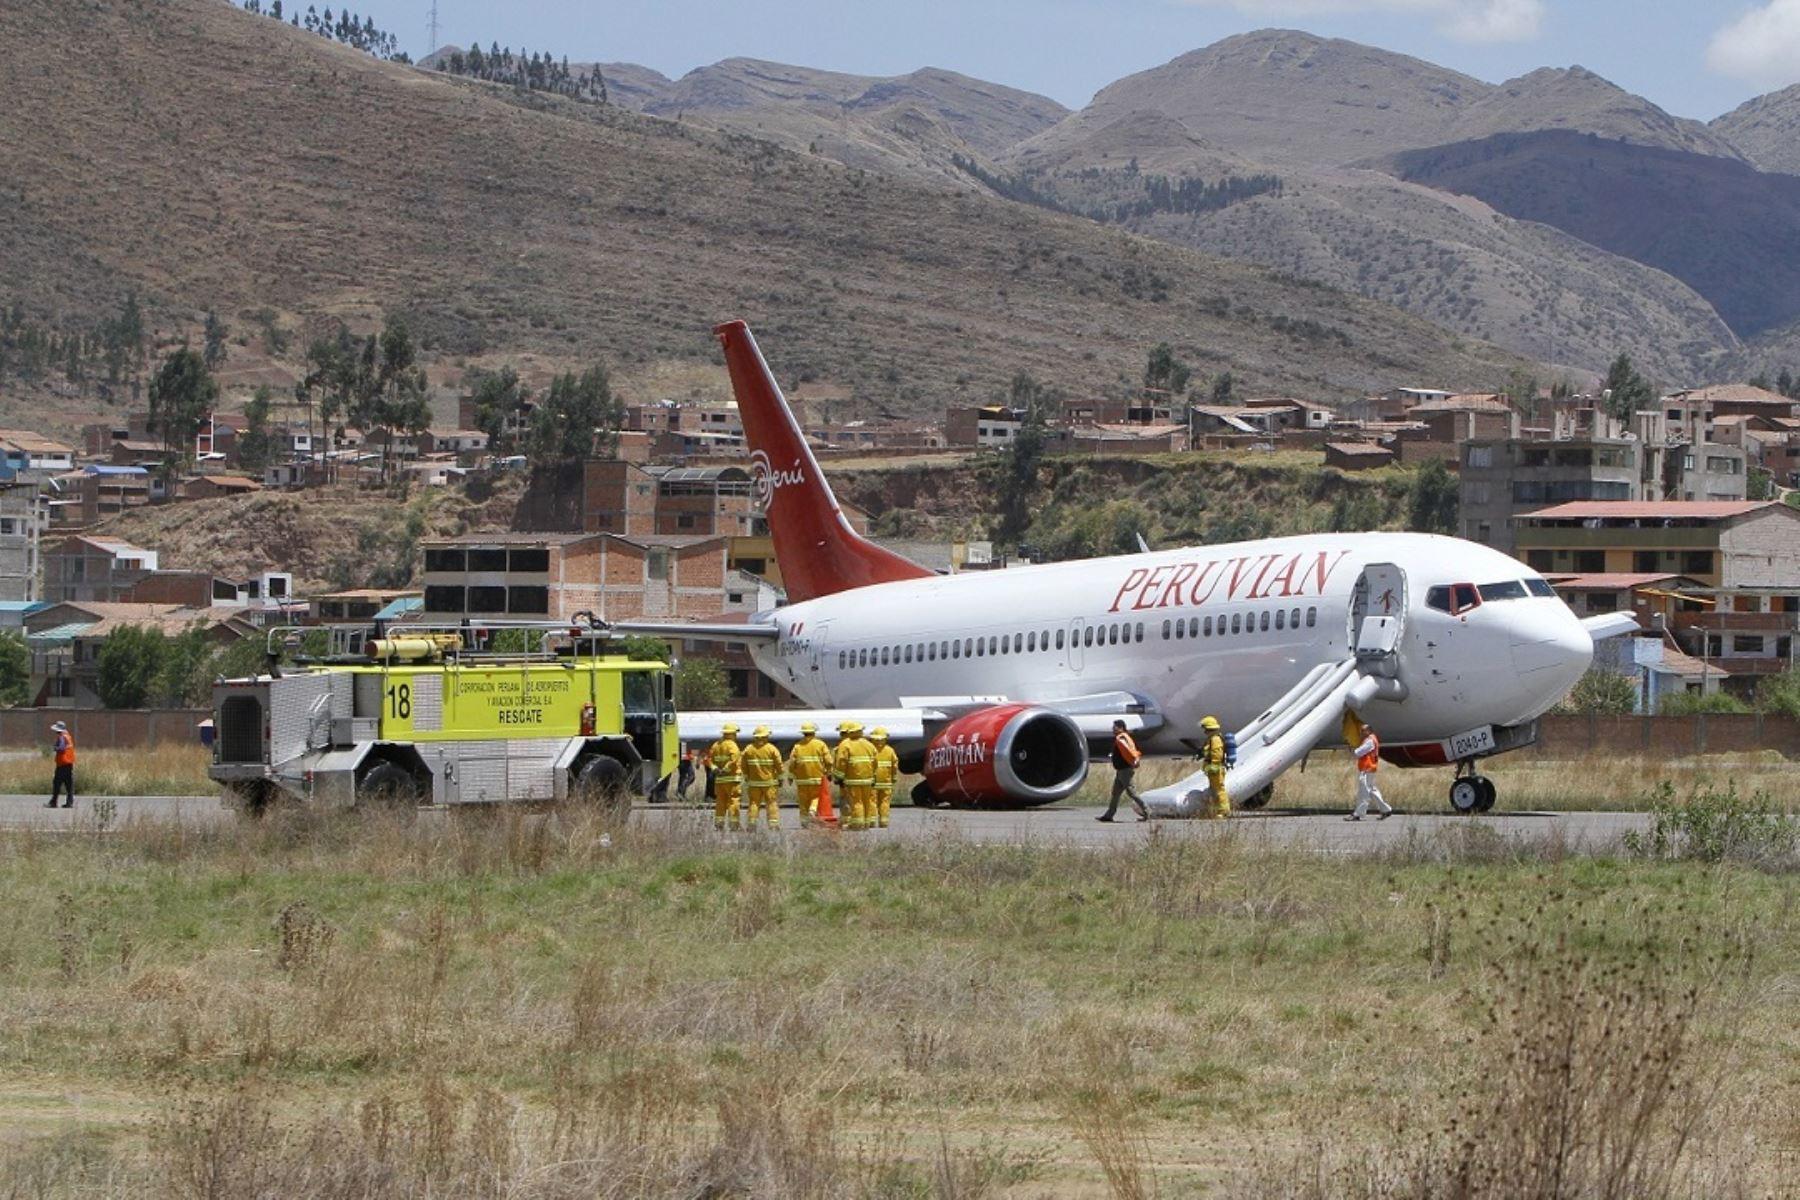 Avion Sufre Desperfecto Y Causa Alarma En El Aeropuerto Del Cusco Noticias Agencia Peruana De Noticias Andina